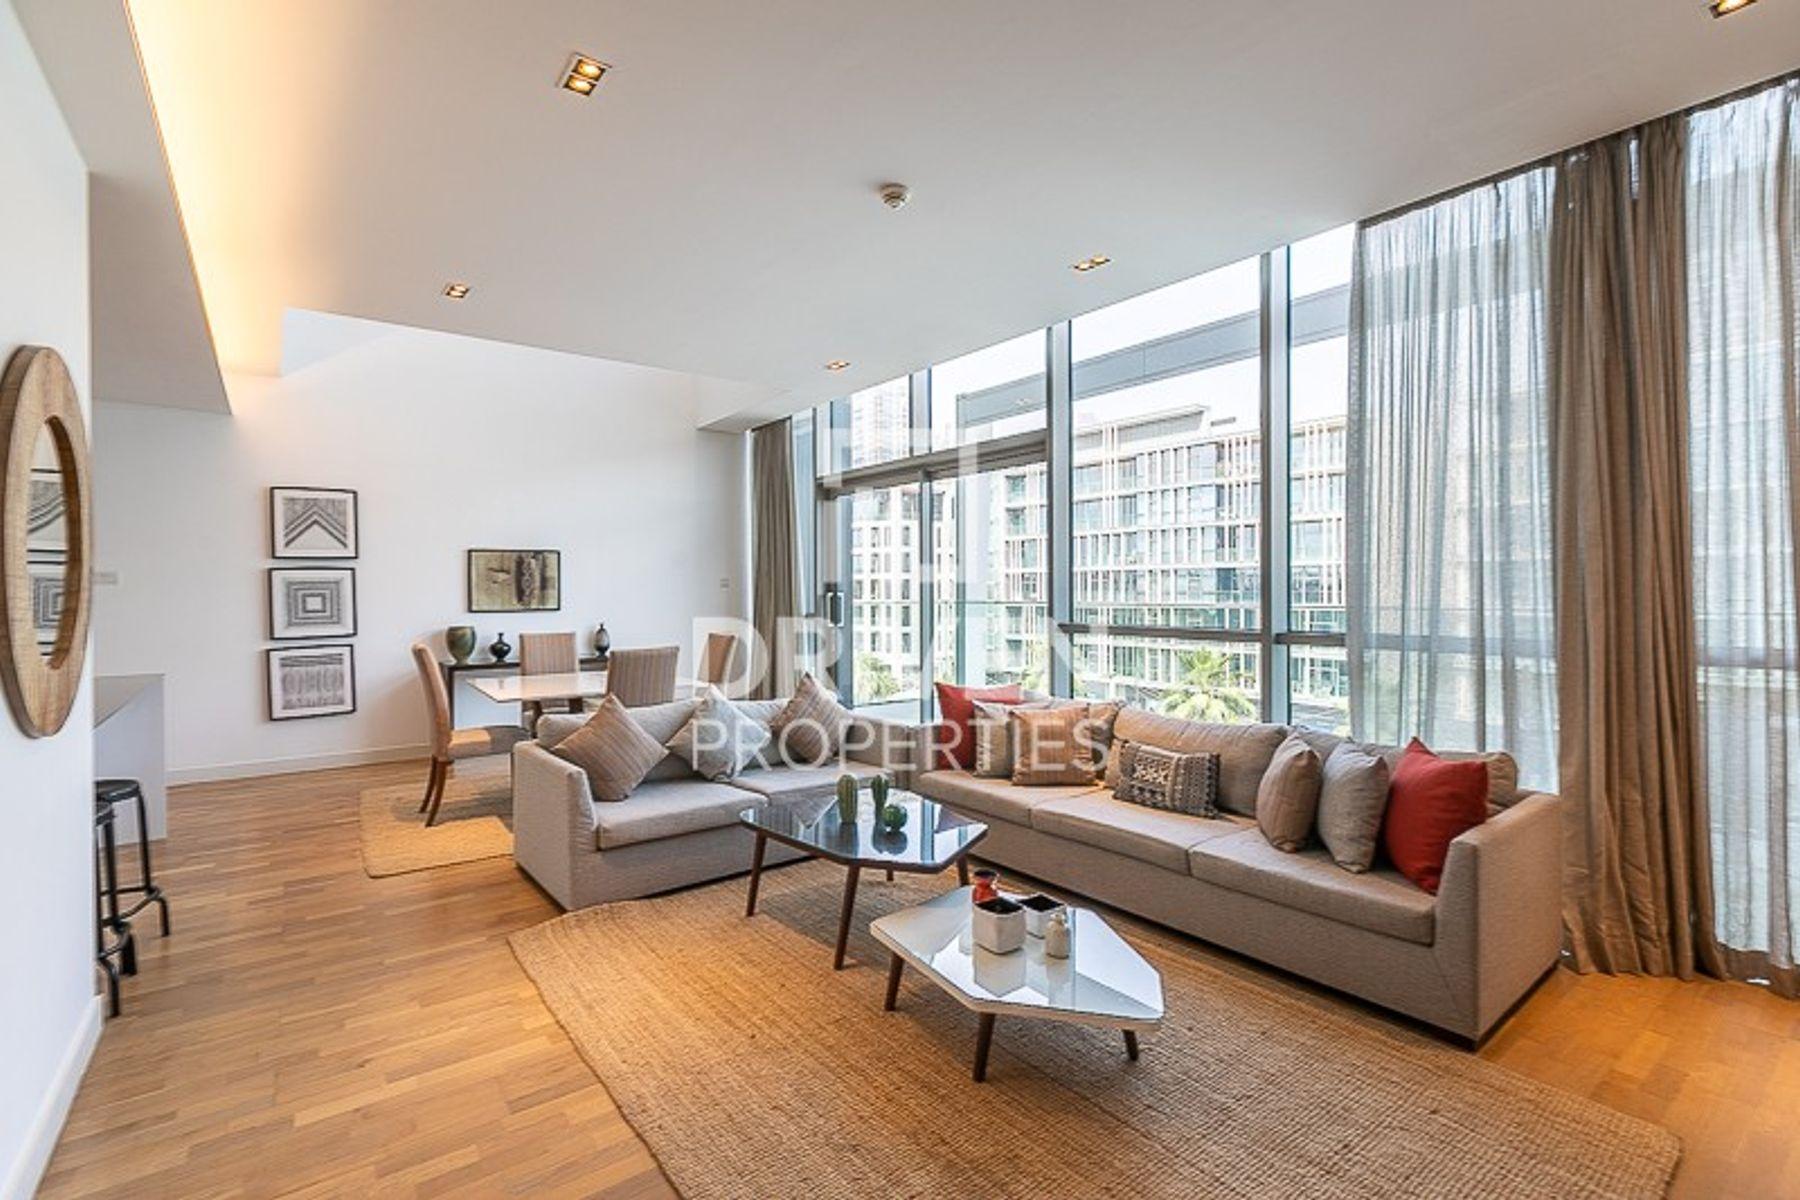 Duplex Furnished Apt with Burj Khalifa Views